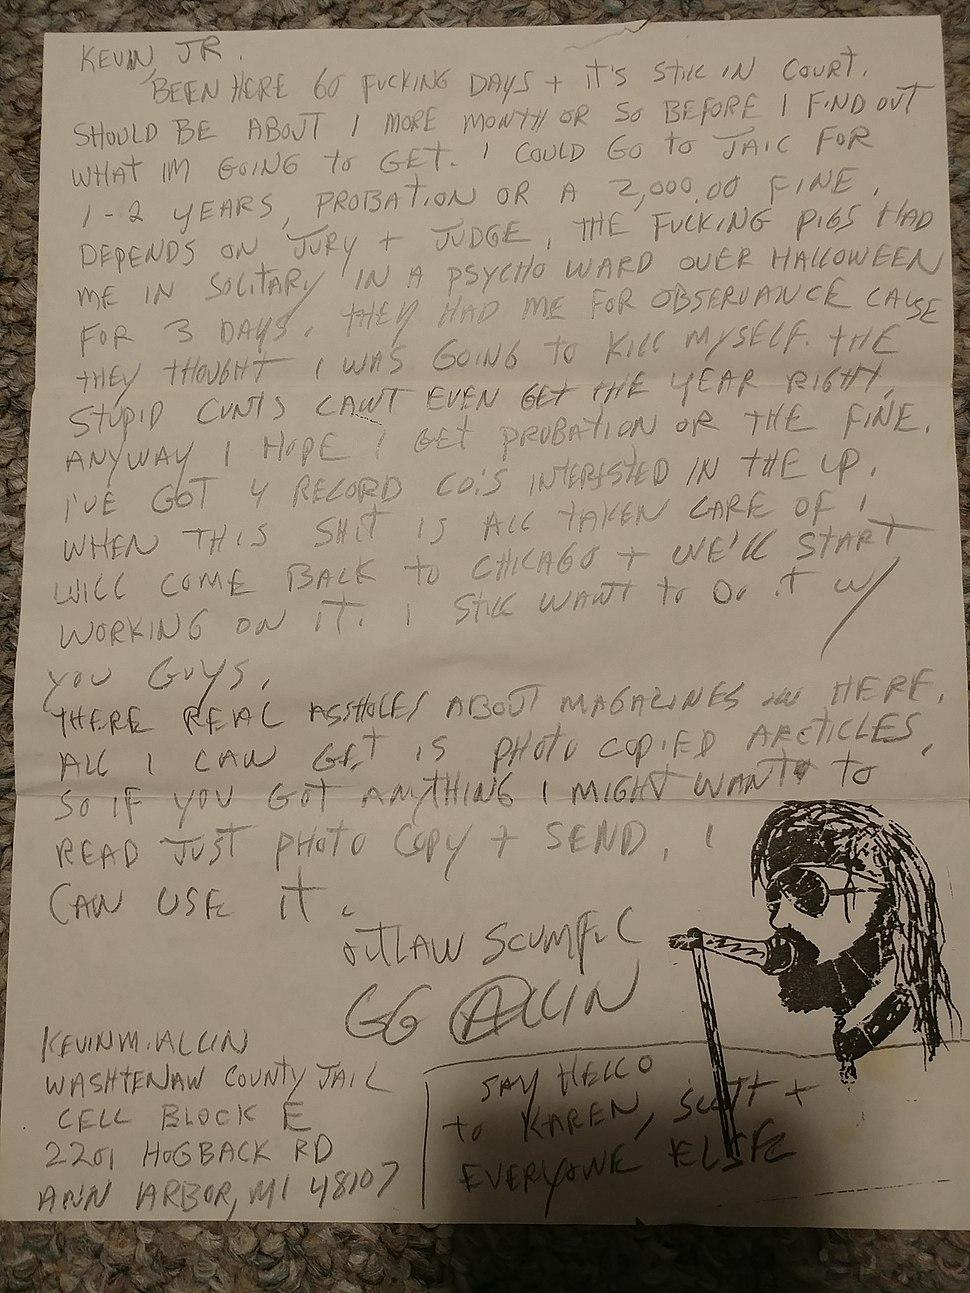 Nov 1989 Letter.